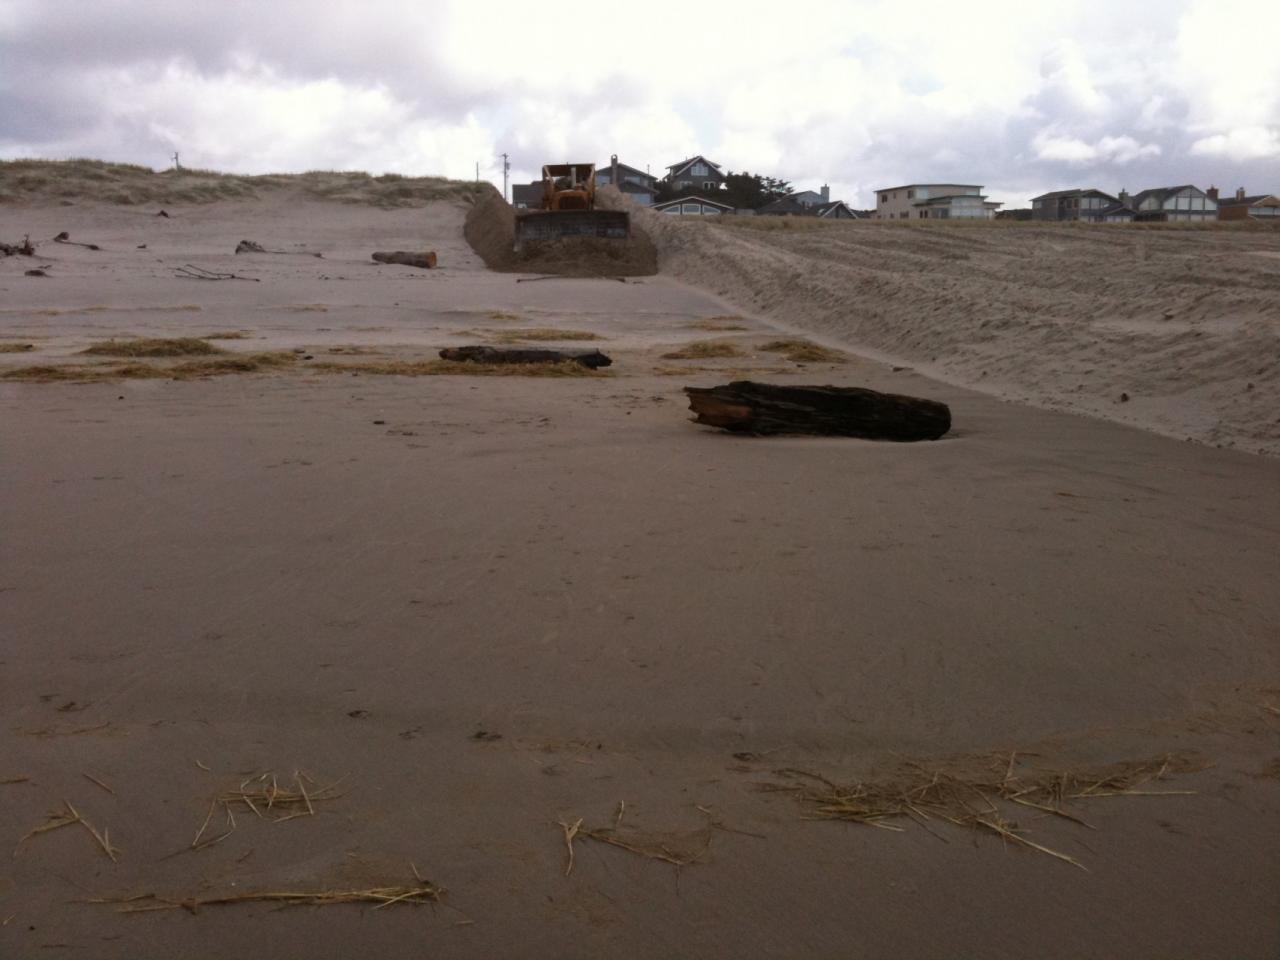 bulldozer flattening dunes between Beach Access 7 and 9